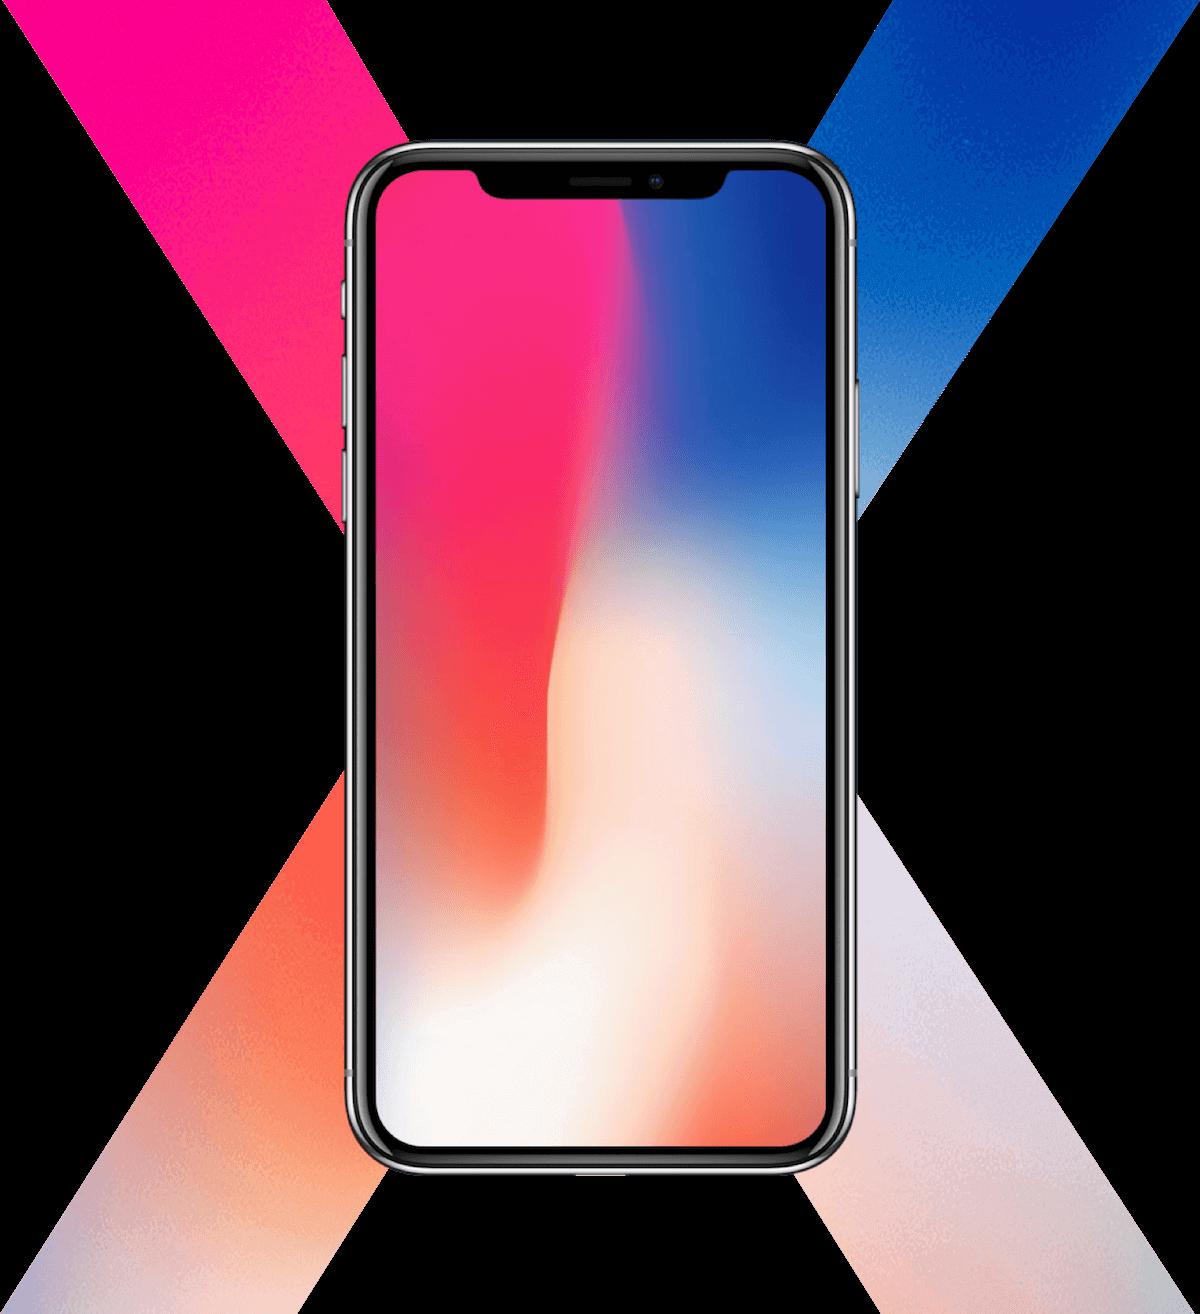 Már előrendelés alatt készlethiány lehet az iPhone X-nél - Szifon.com 4bd9f4bf72